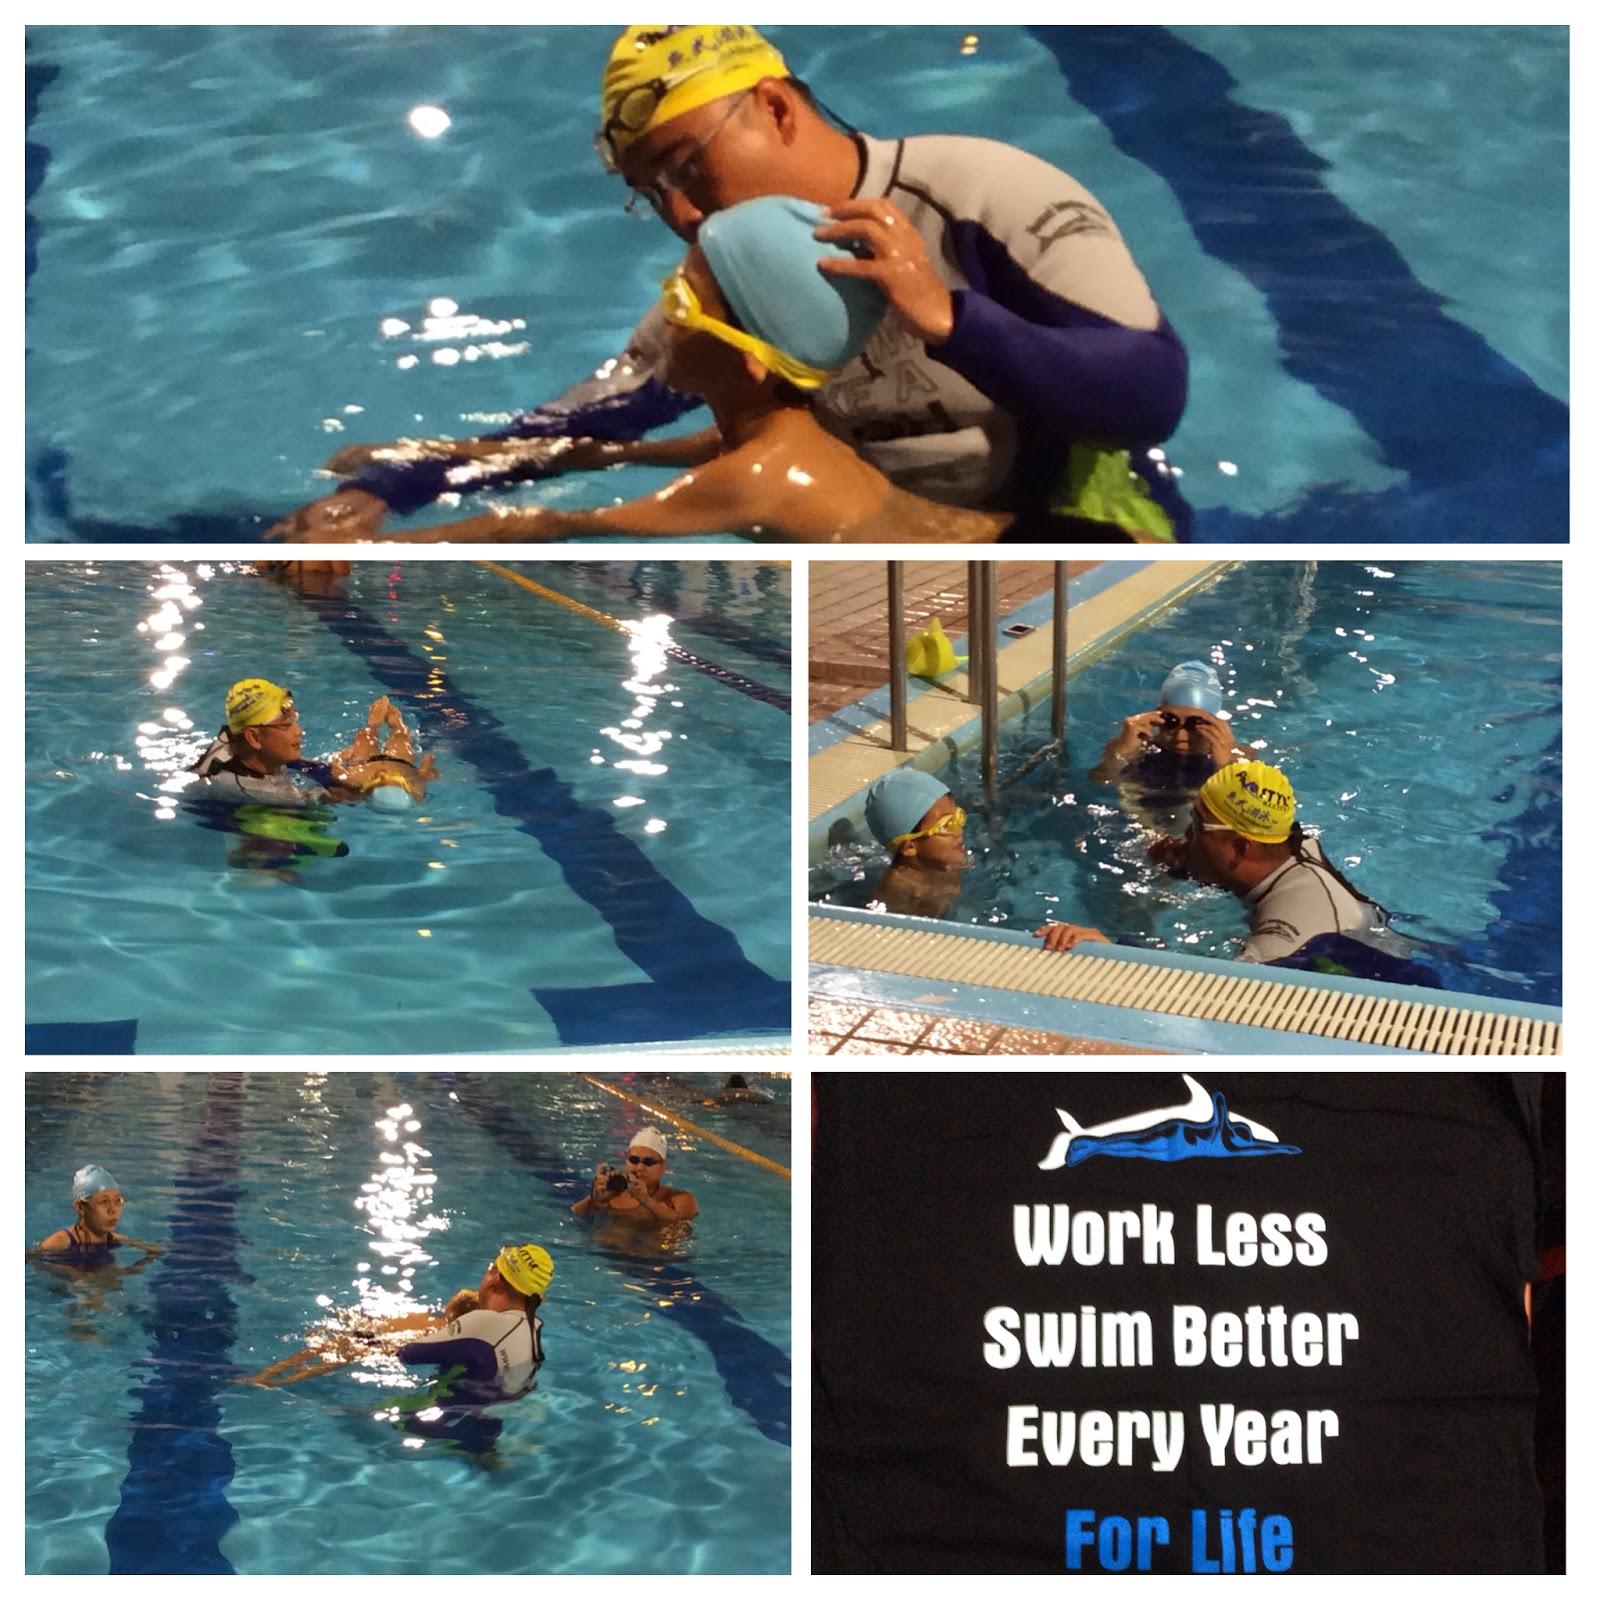 臺灣魚式游泳三級授權教練程智偉 !!!Total Immersion Swimming: 2014 魚式游泳一級教練訓練